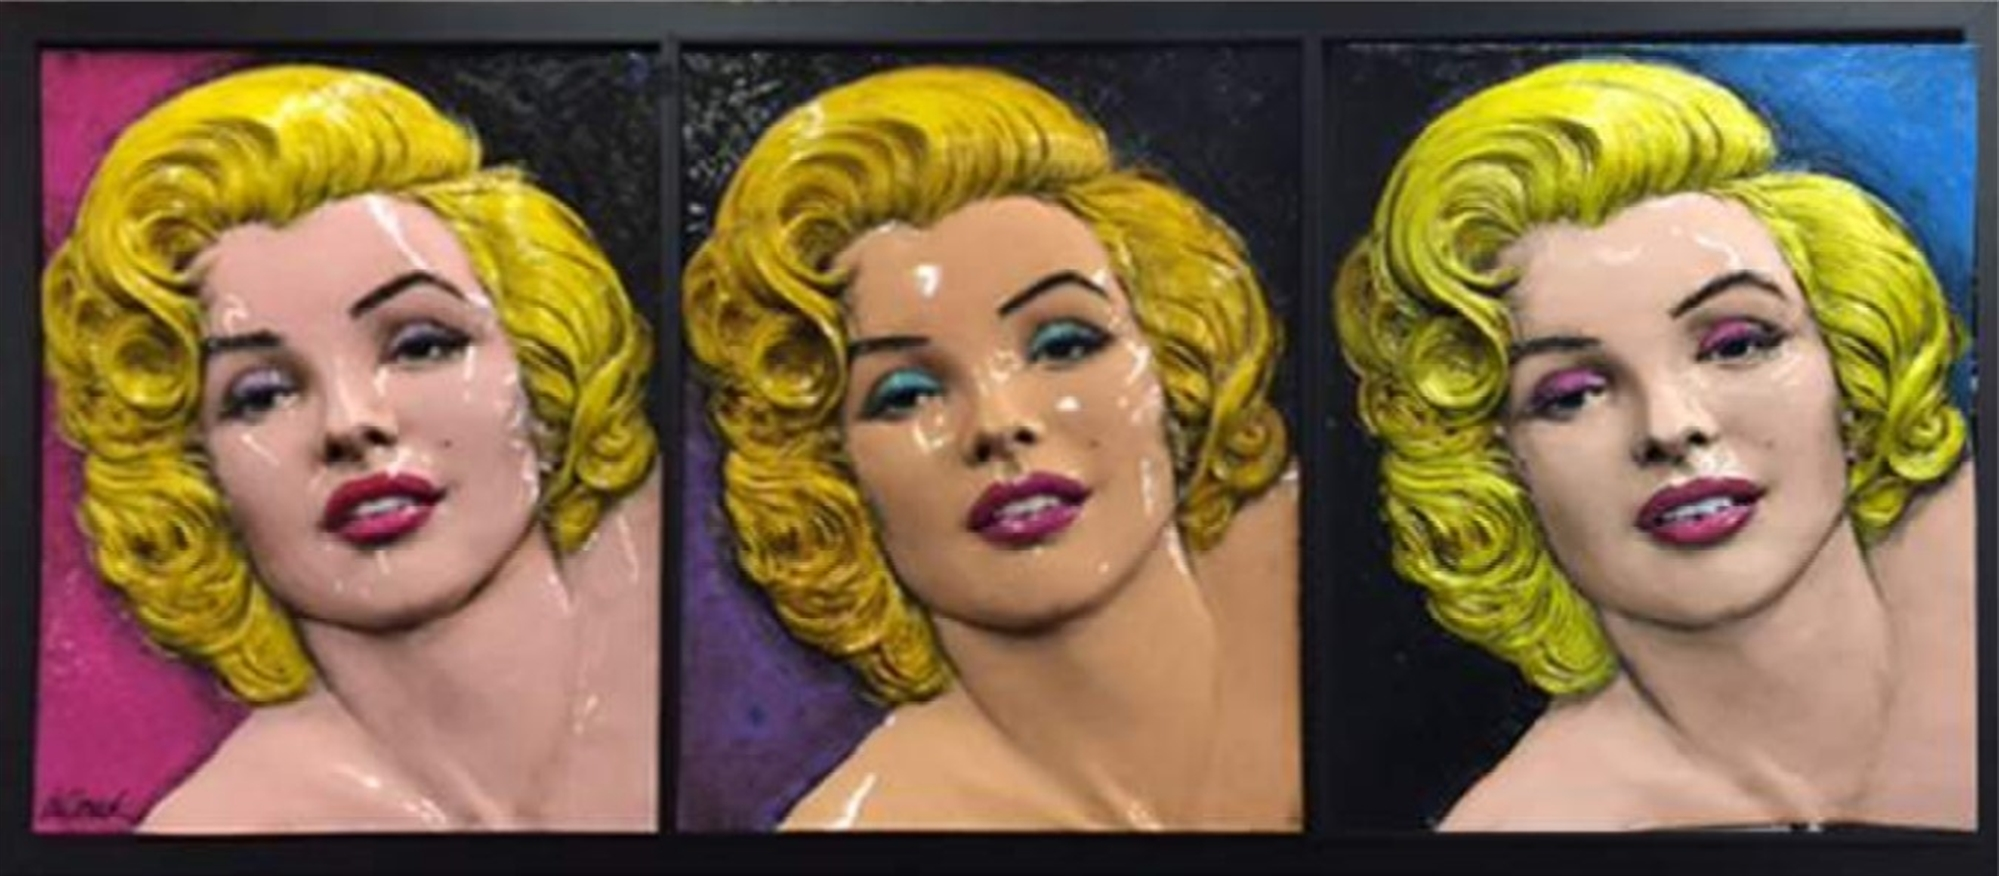 Original Marilyn Triptych by Bill Mack